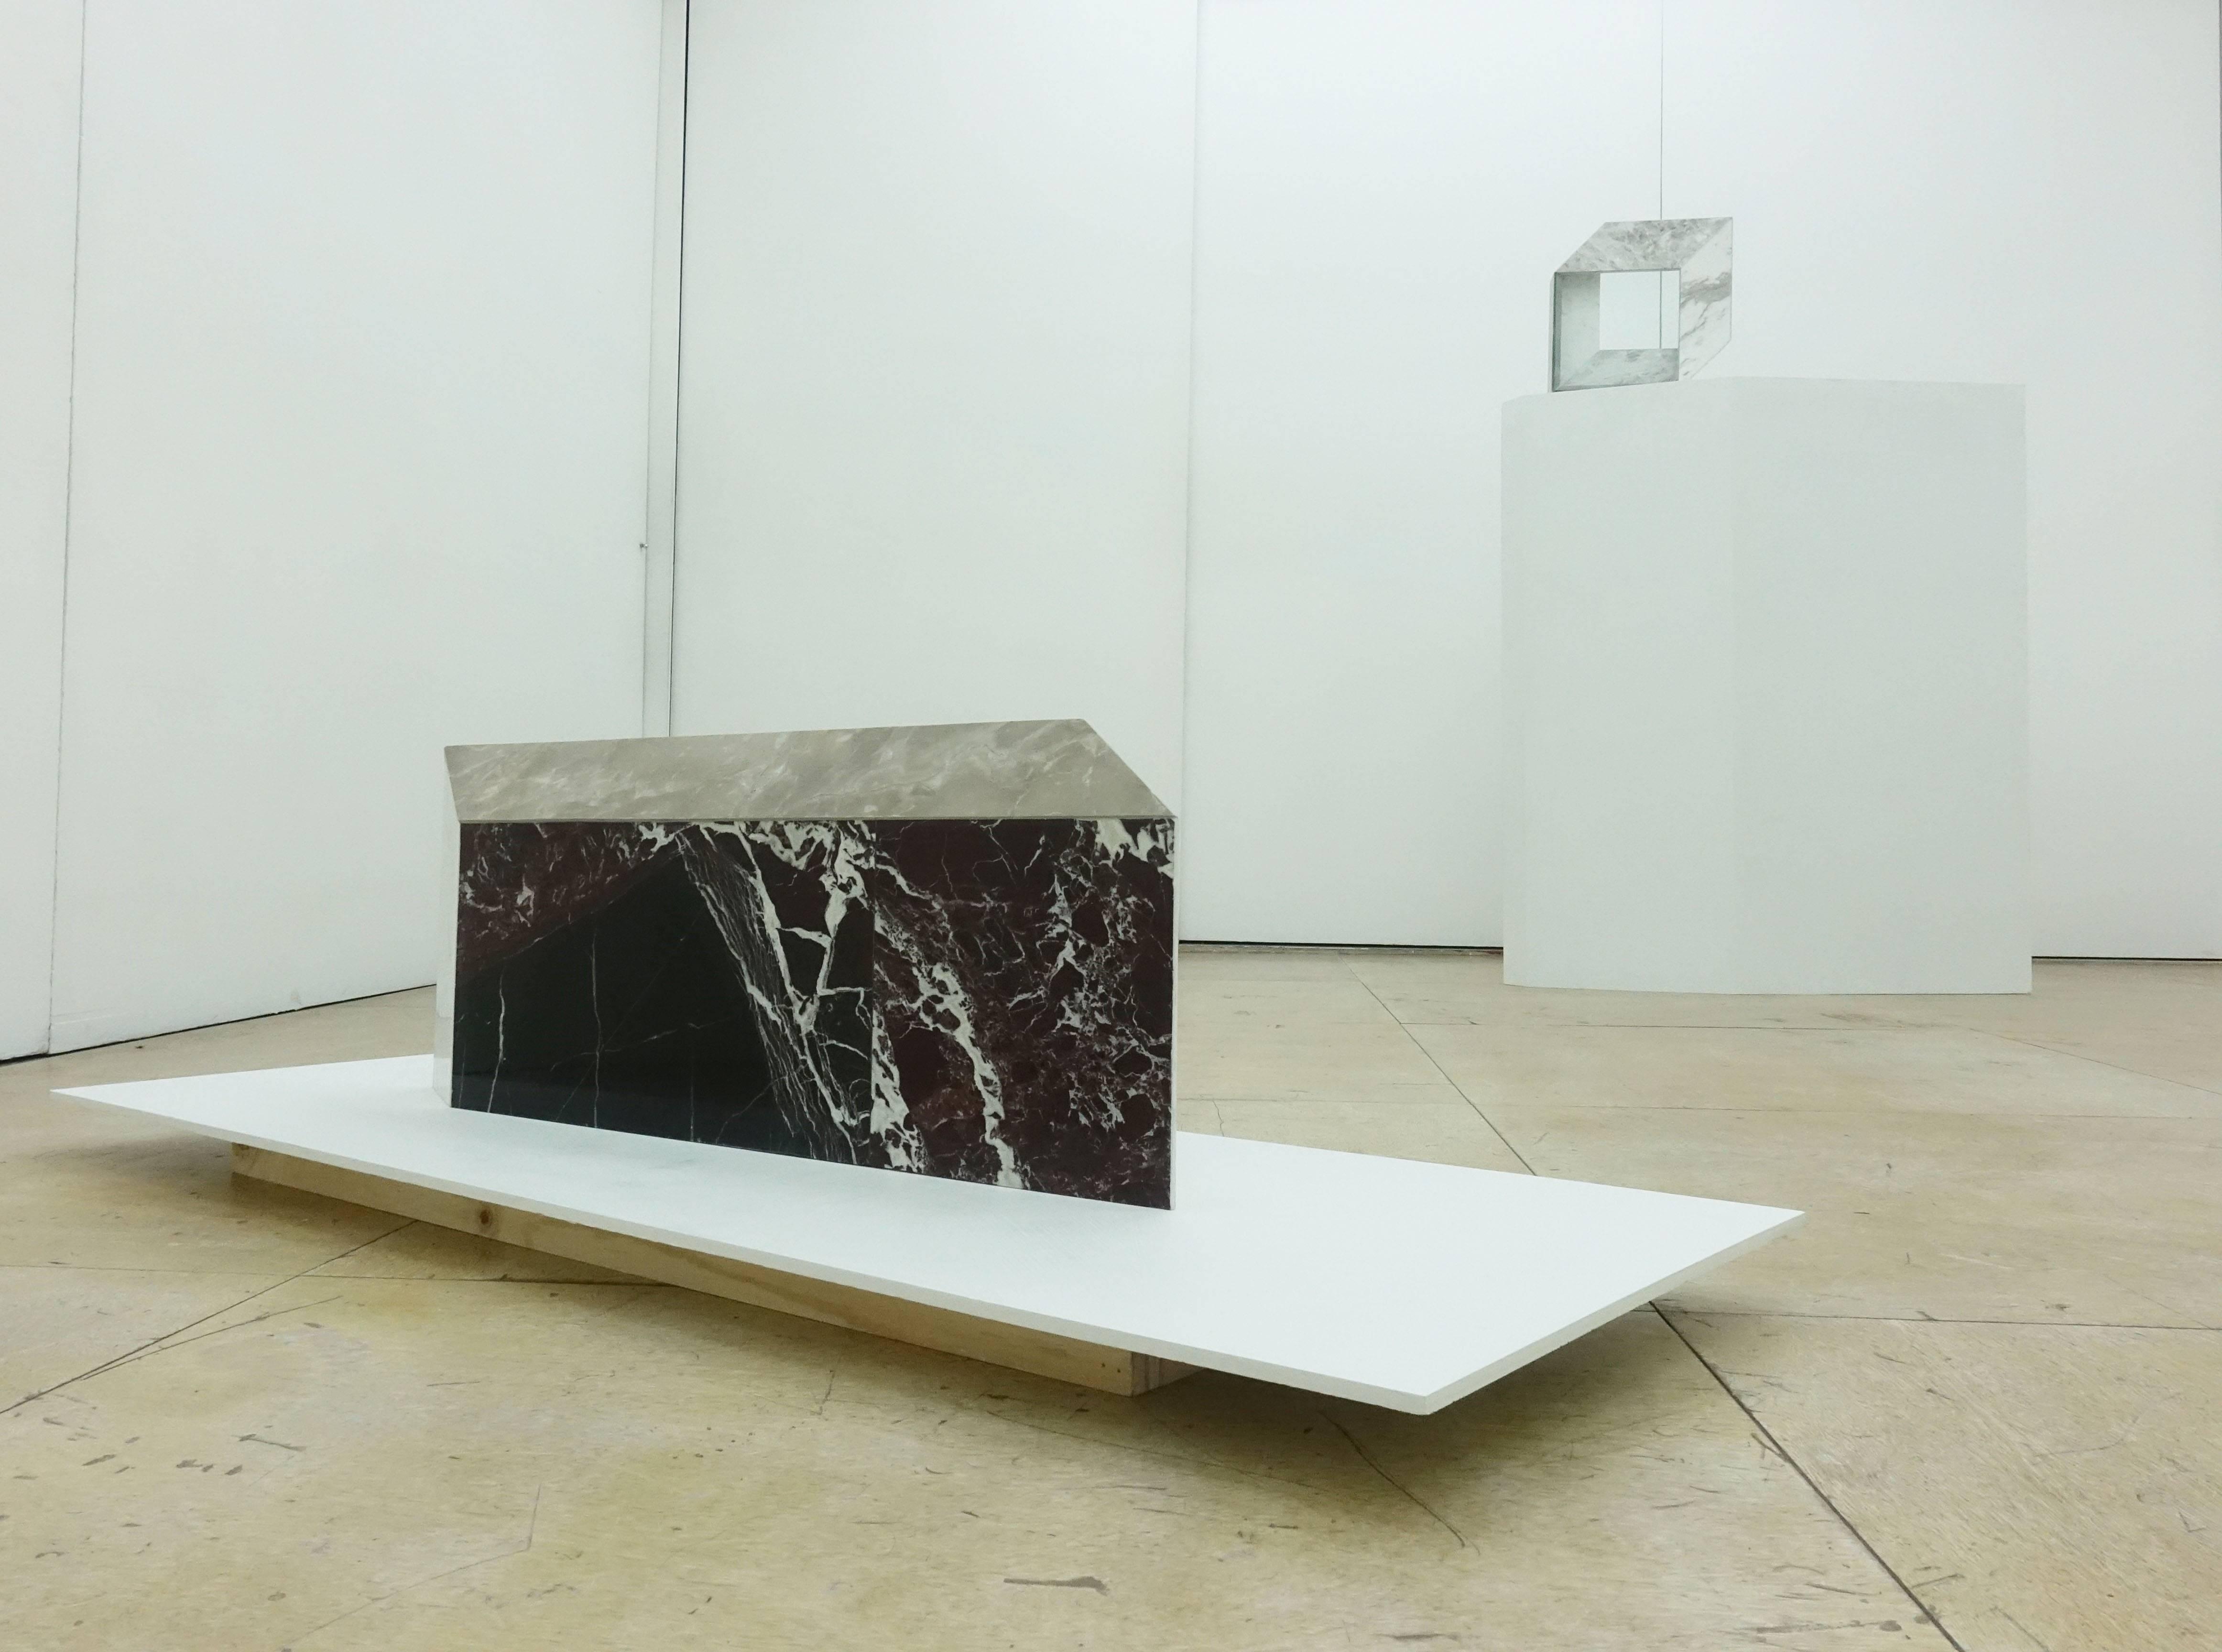 陳為榛,《美耐板 02》,86x7x32cm,大理石,2019。(前)